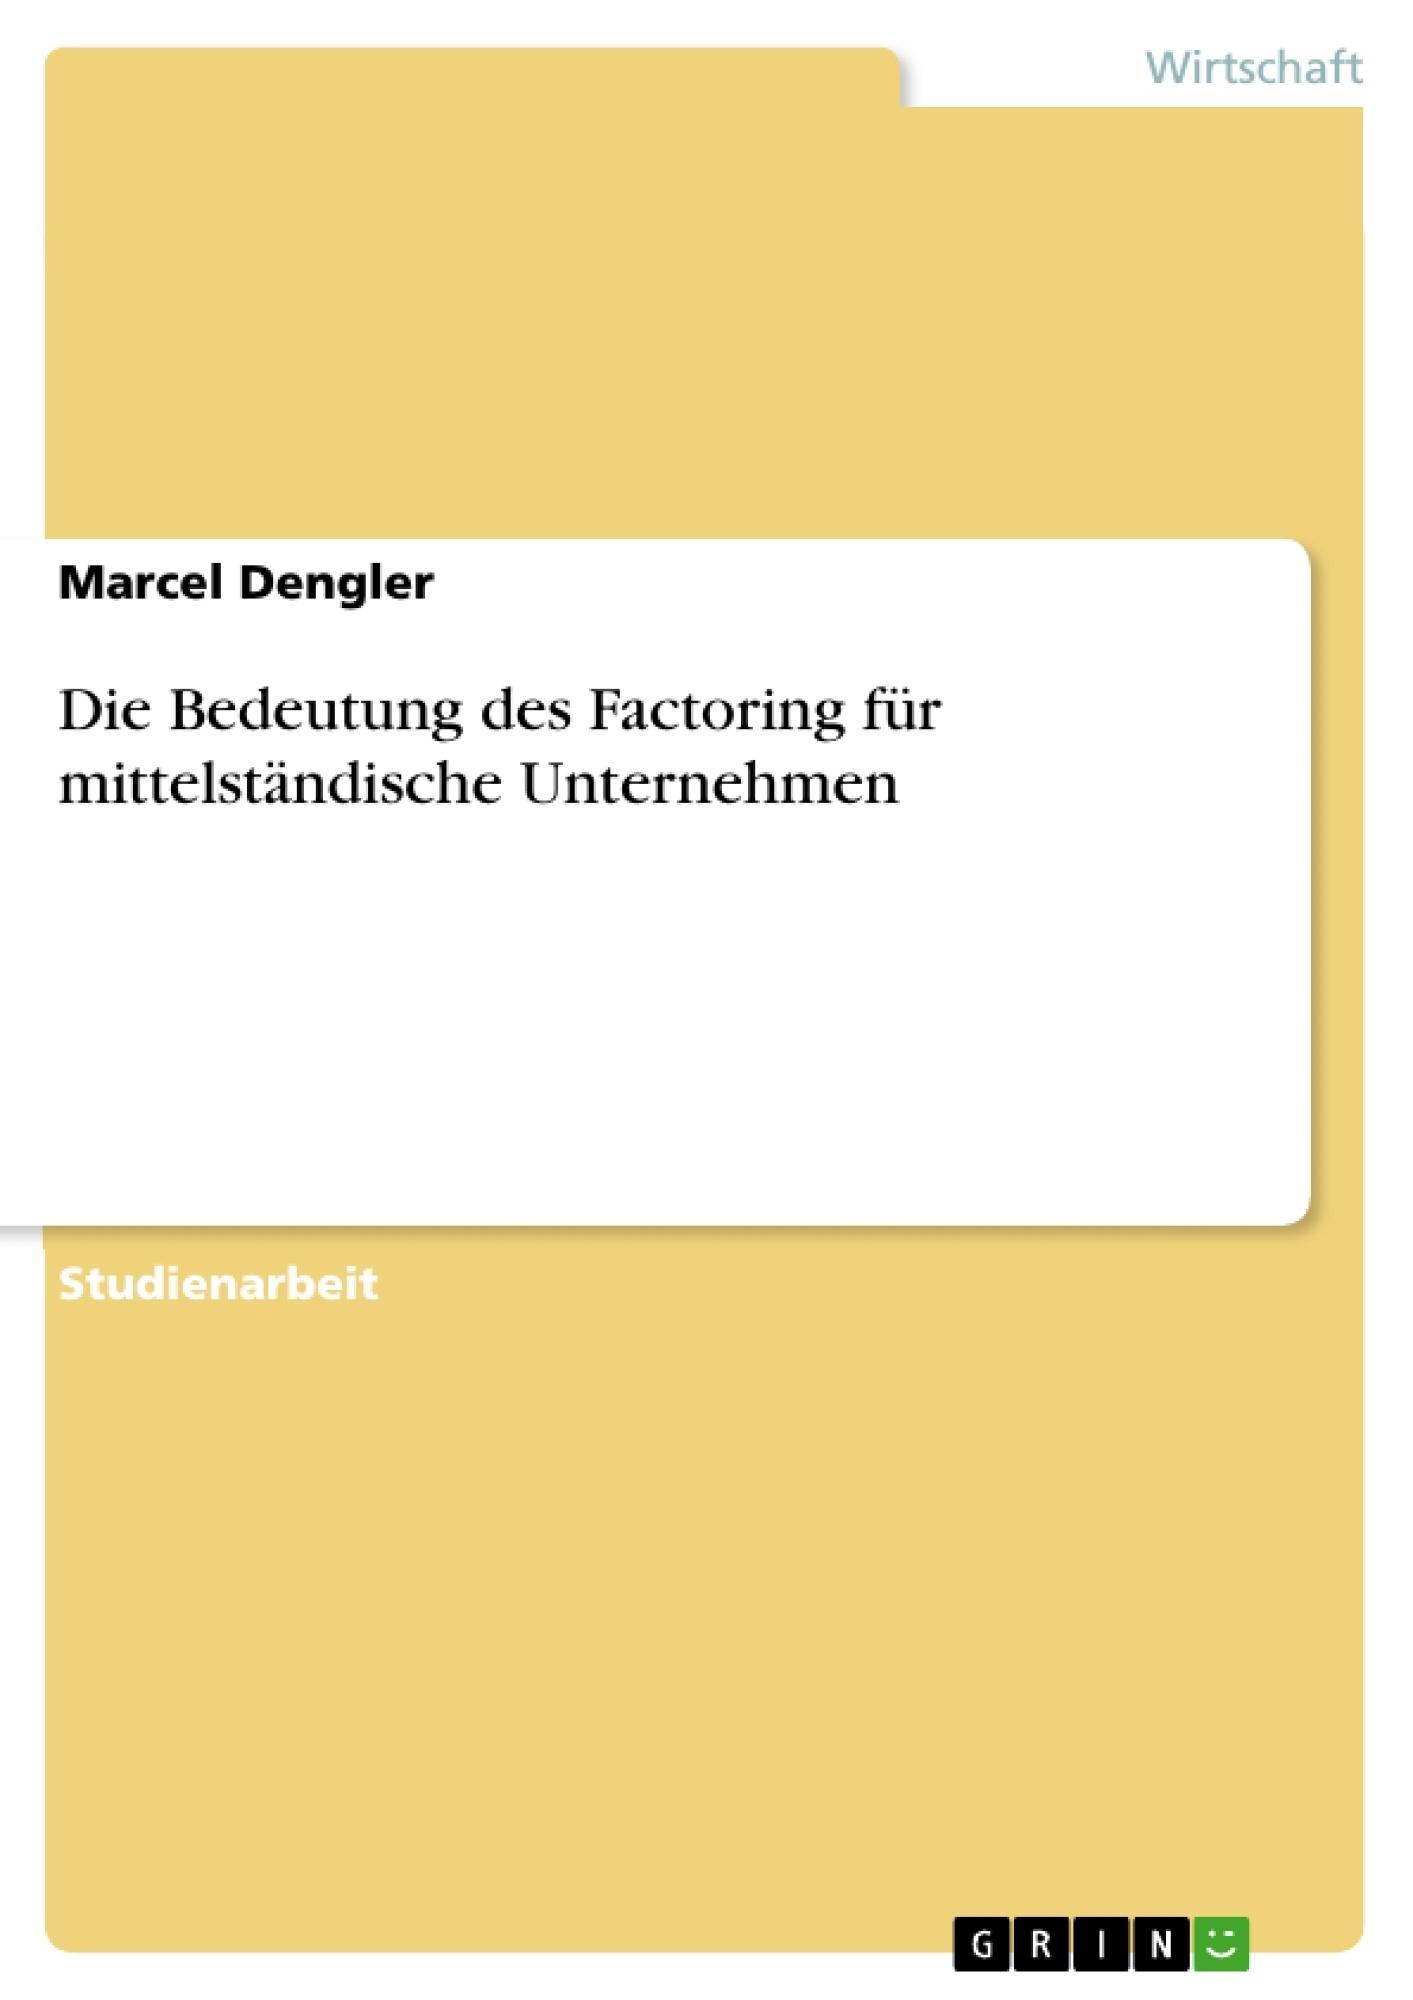 Titel: Die Bedeutung des Factoring für mittelständische Unternehmen